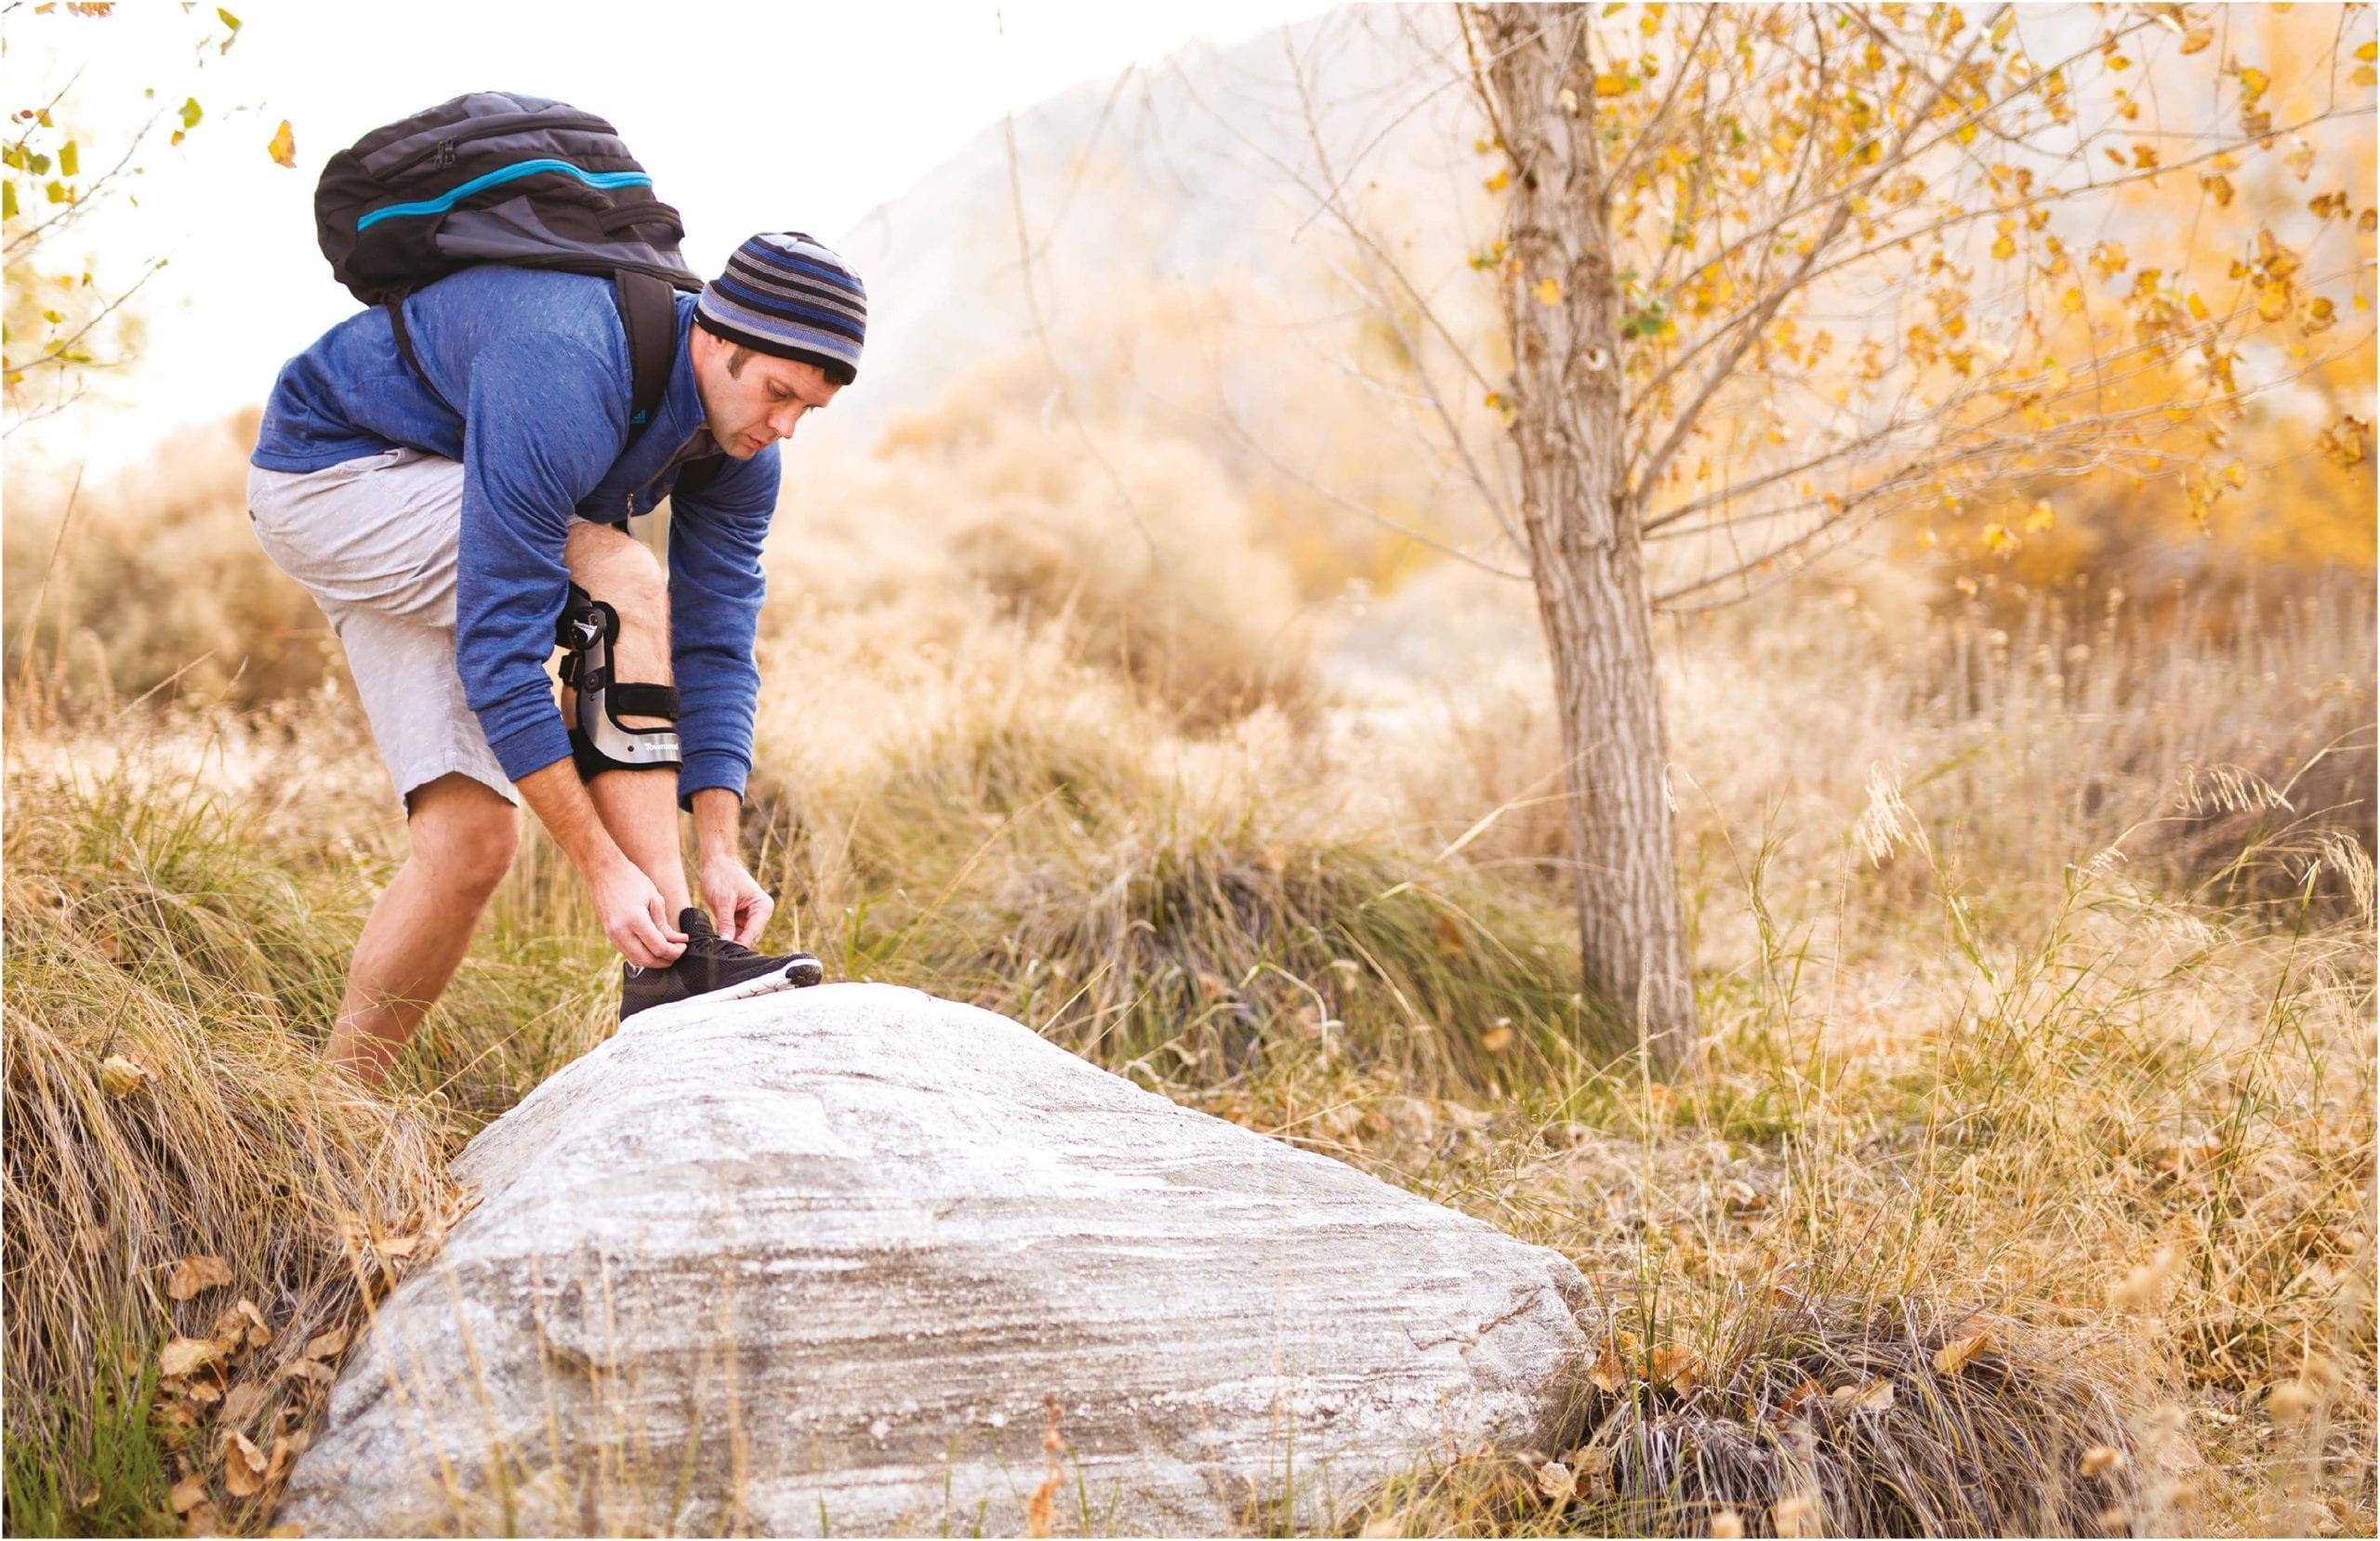 Man wearing a Thuasne Knee Brace on a hike